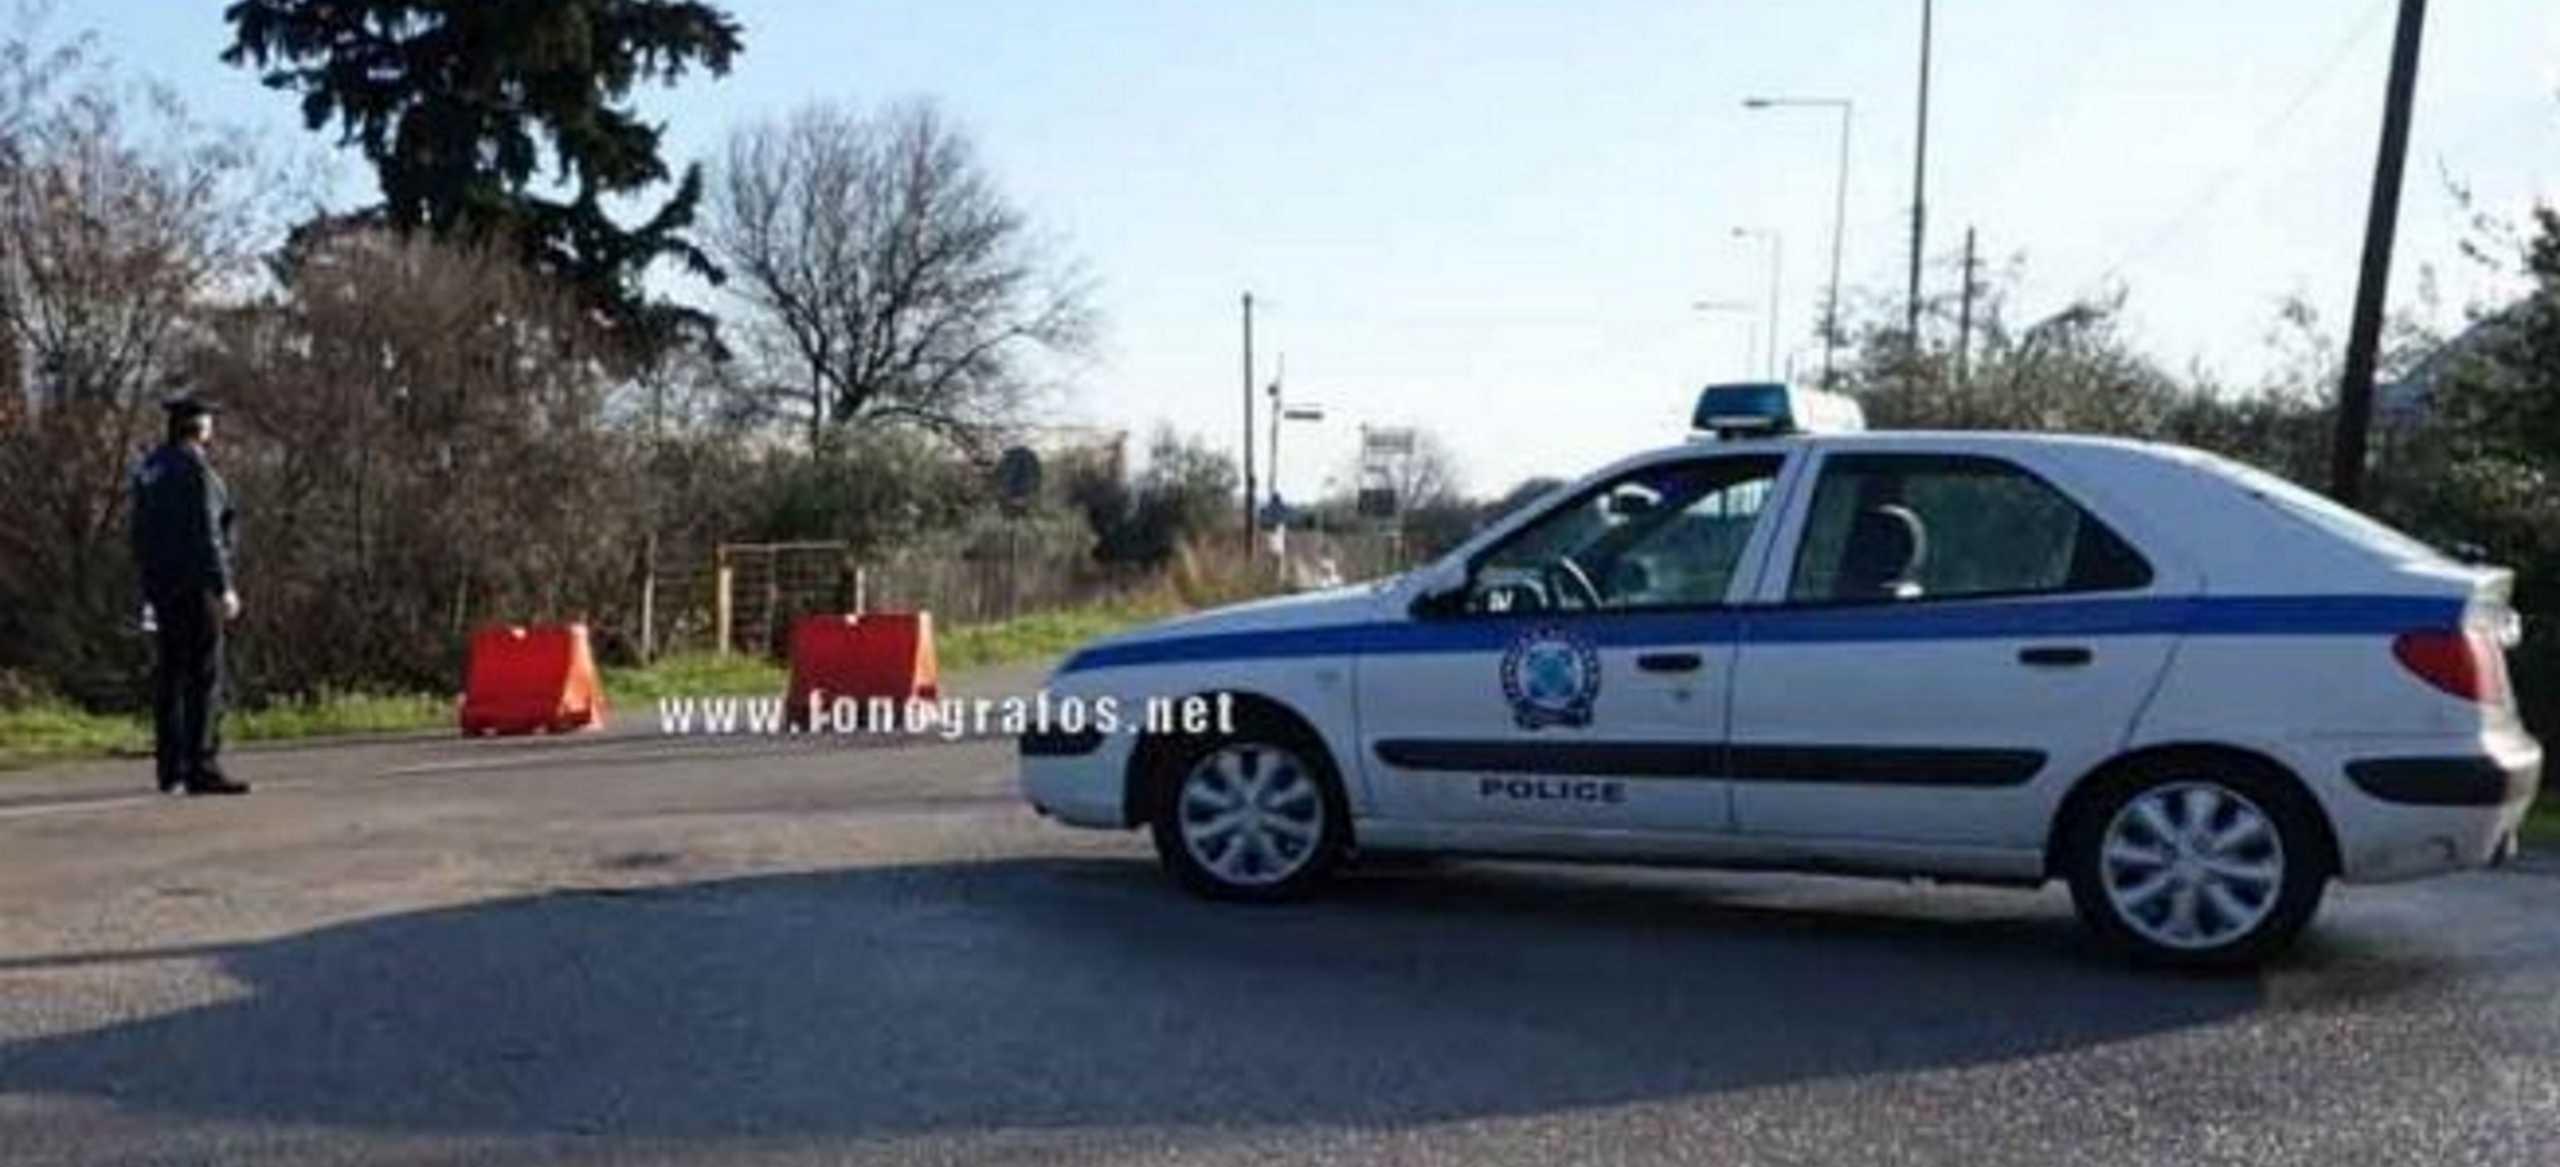 Μαλεσίνα – κορονοϊός: Ολοταχώς προς σκληρό lockdown λόγω «έκρηξης» κρουσμάτων